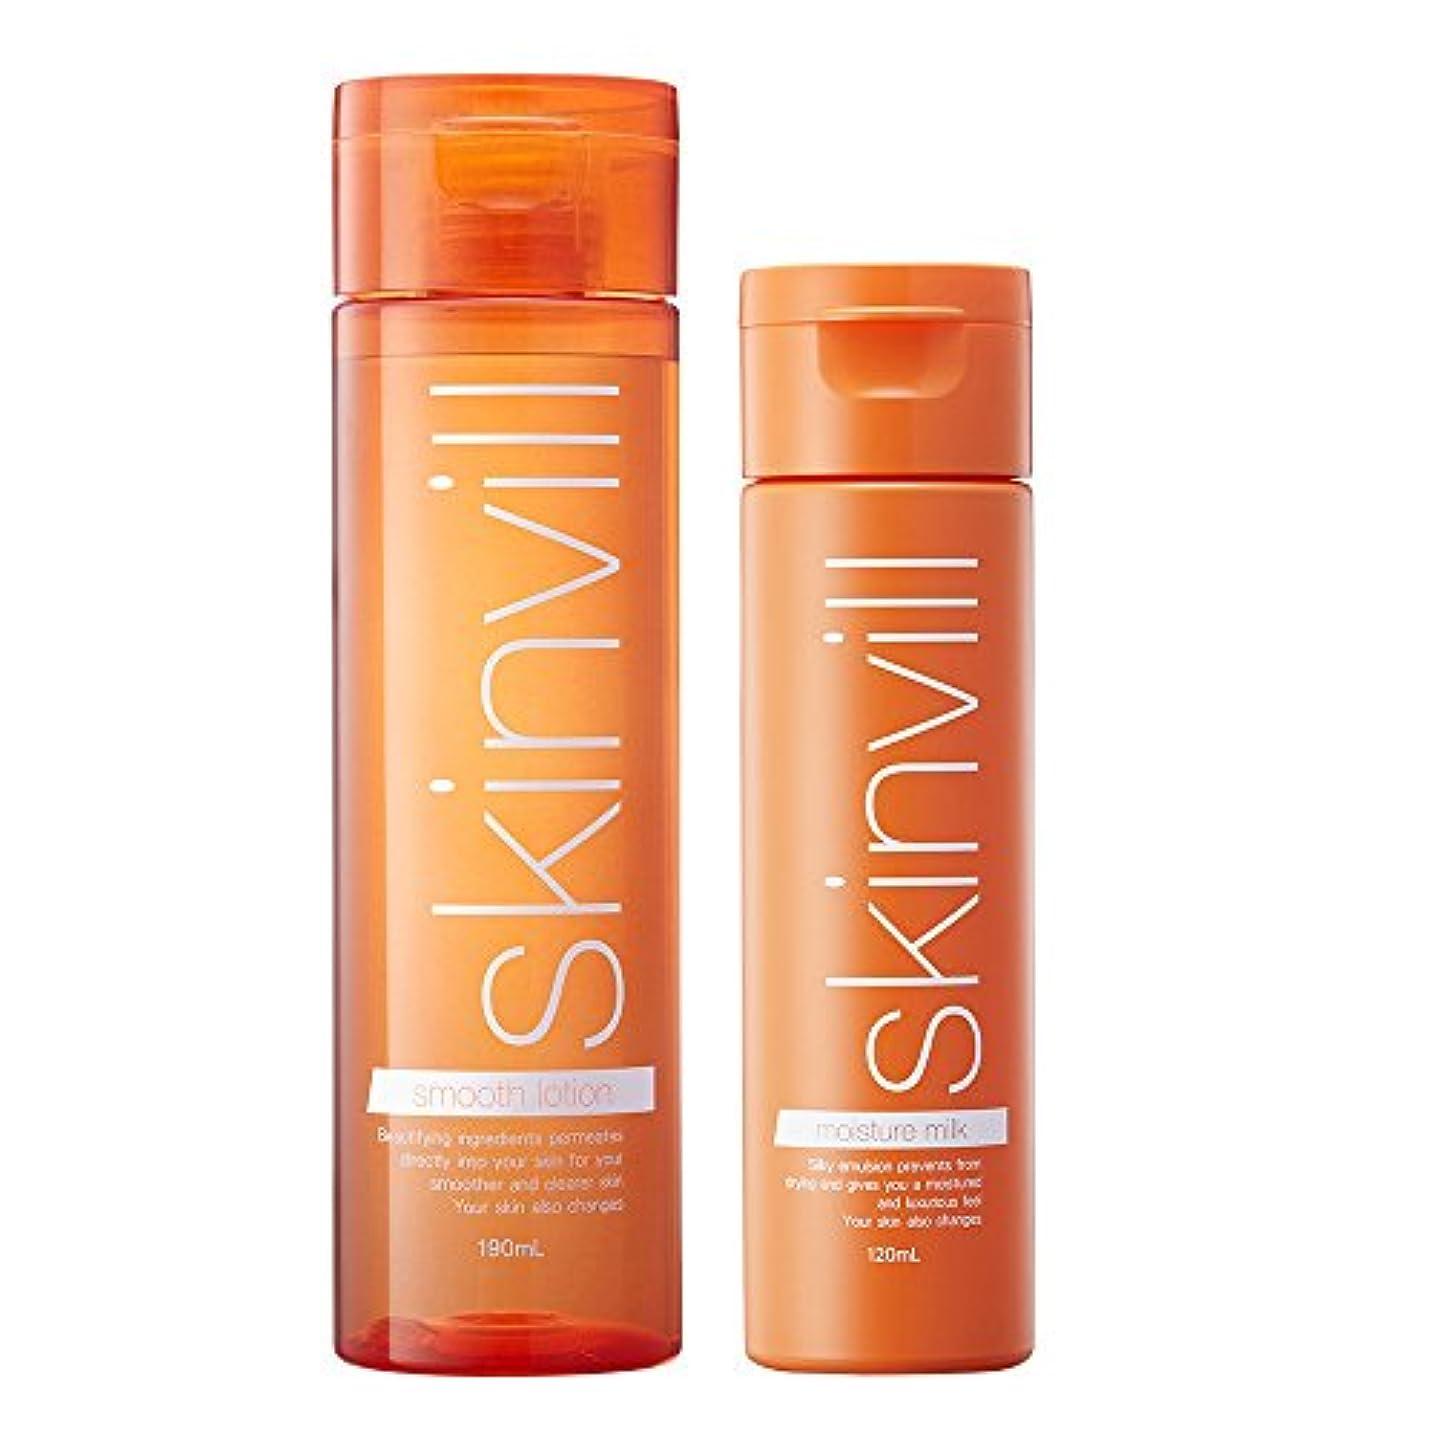 時系列スクラップペデスタル【セット】 skinvill スキンビル スムースローション 化粧水 190ml & モイスチャーミルク 乳液 120ml